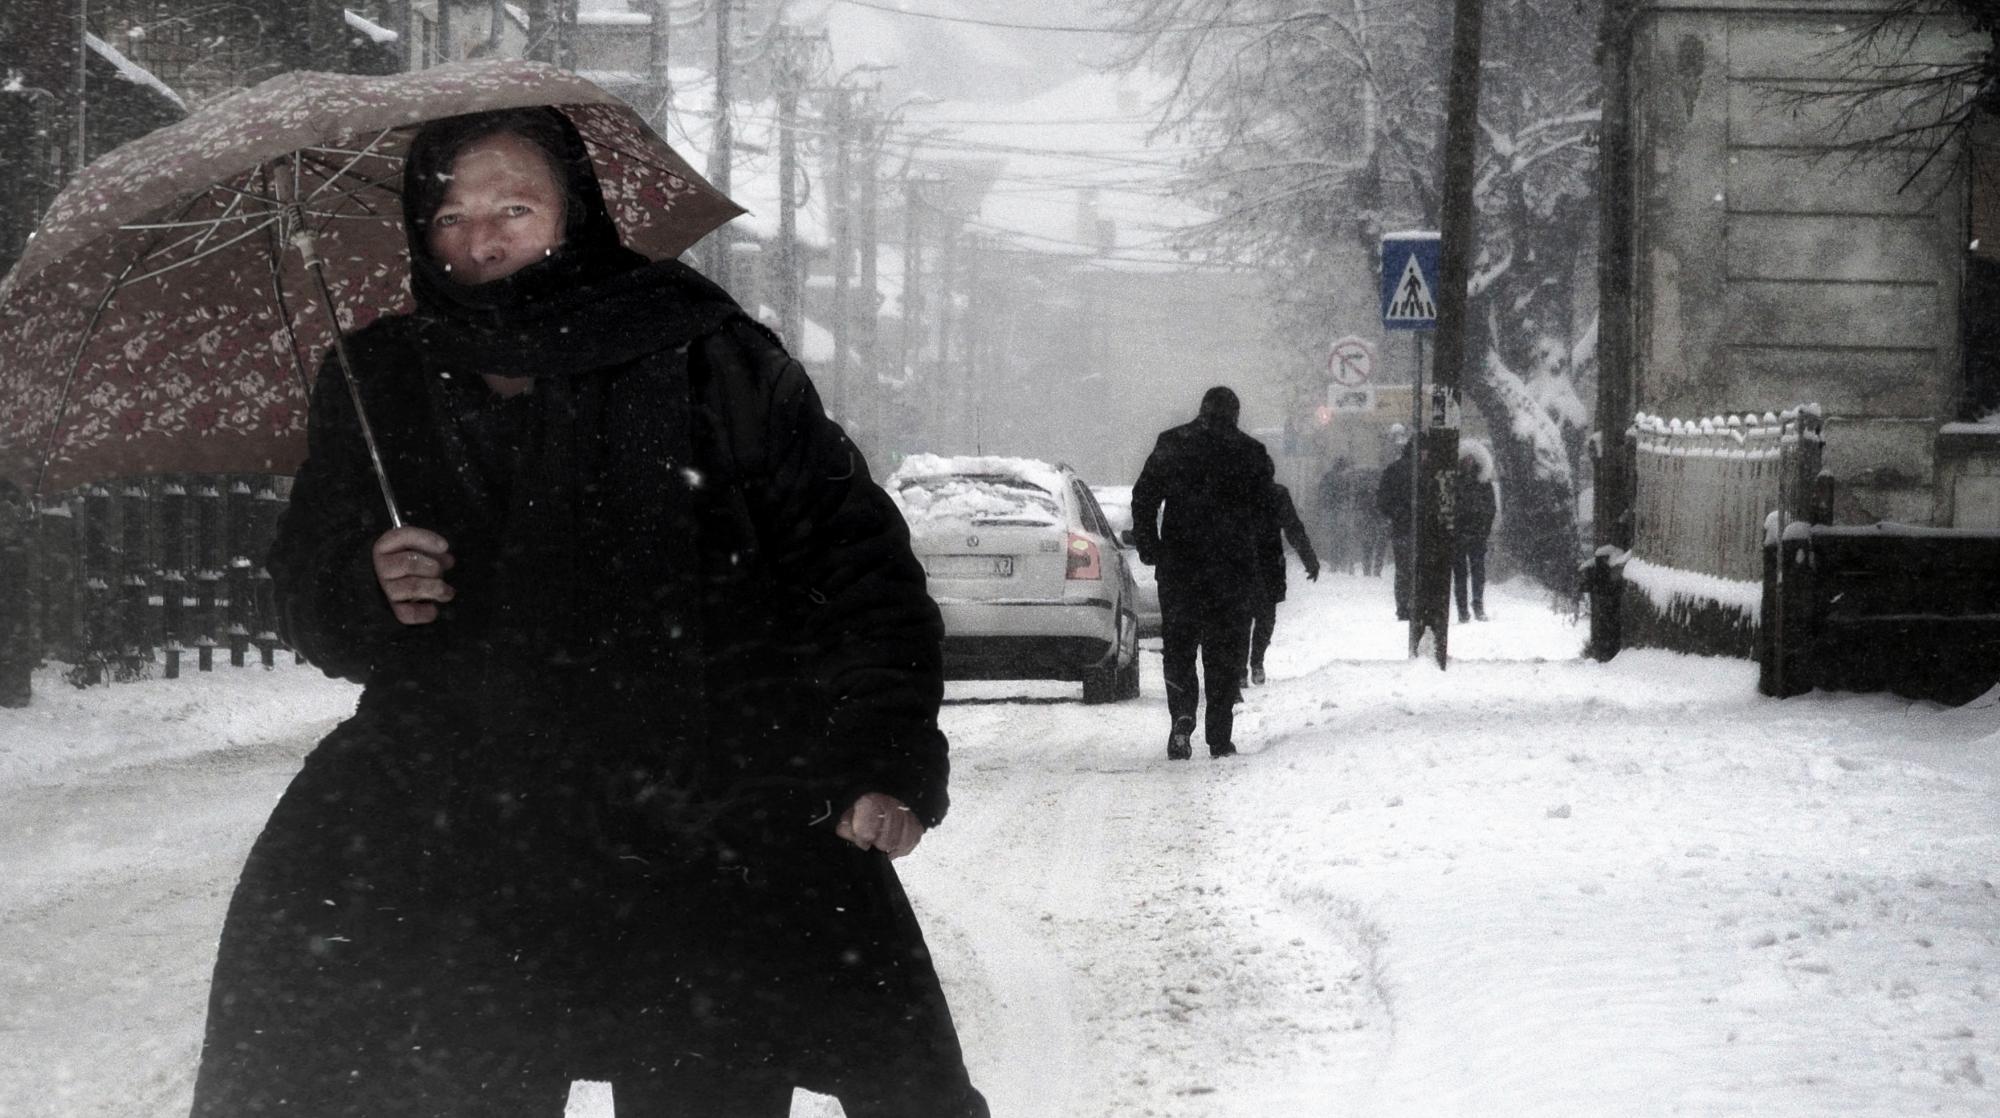 Into the Winter VI